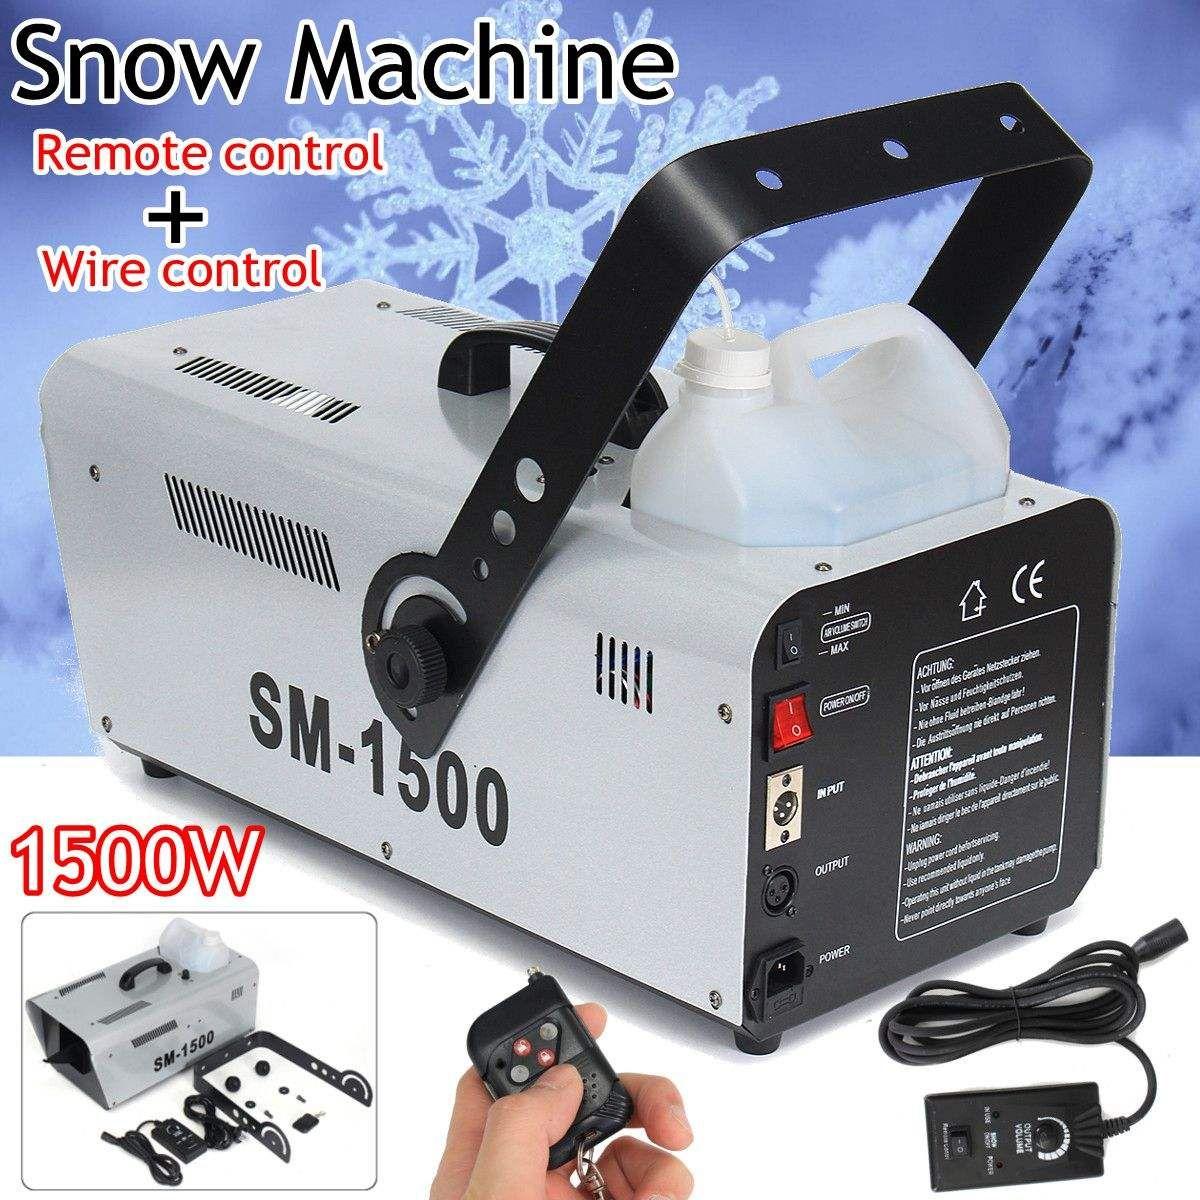 1500 Watt Hohe Leistung Schnee Maschine Künstliche Schneeflocke DJ Disco + fernbedienung & 5L Flüssigkeit Schnee Seifenschaum Wirkung Maschine DJ KTV